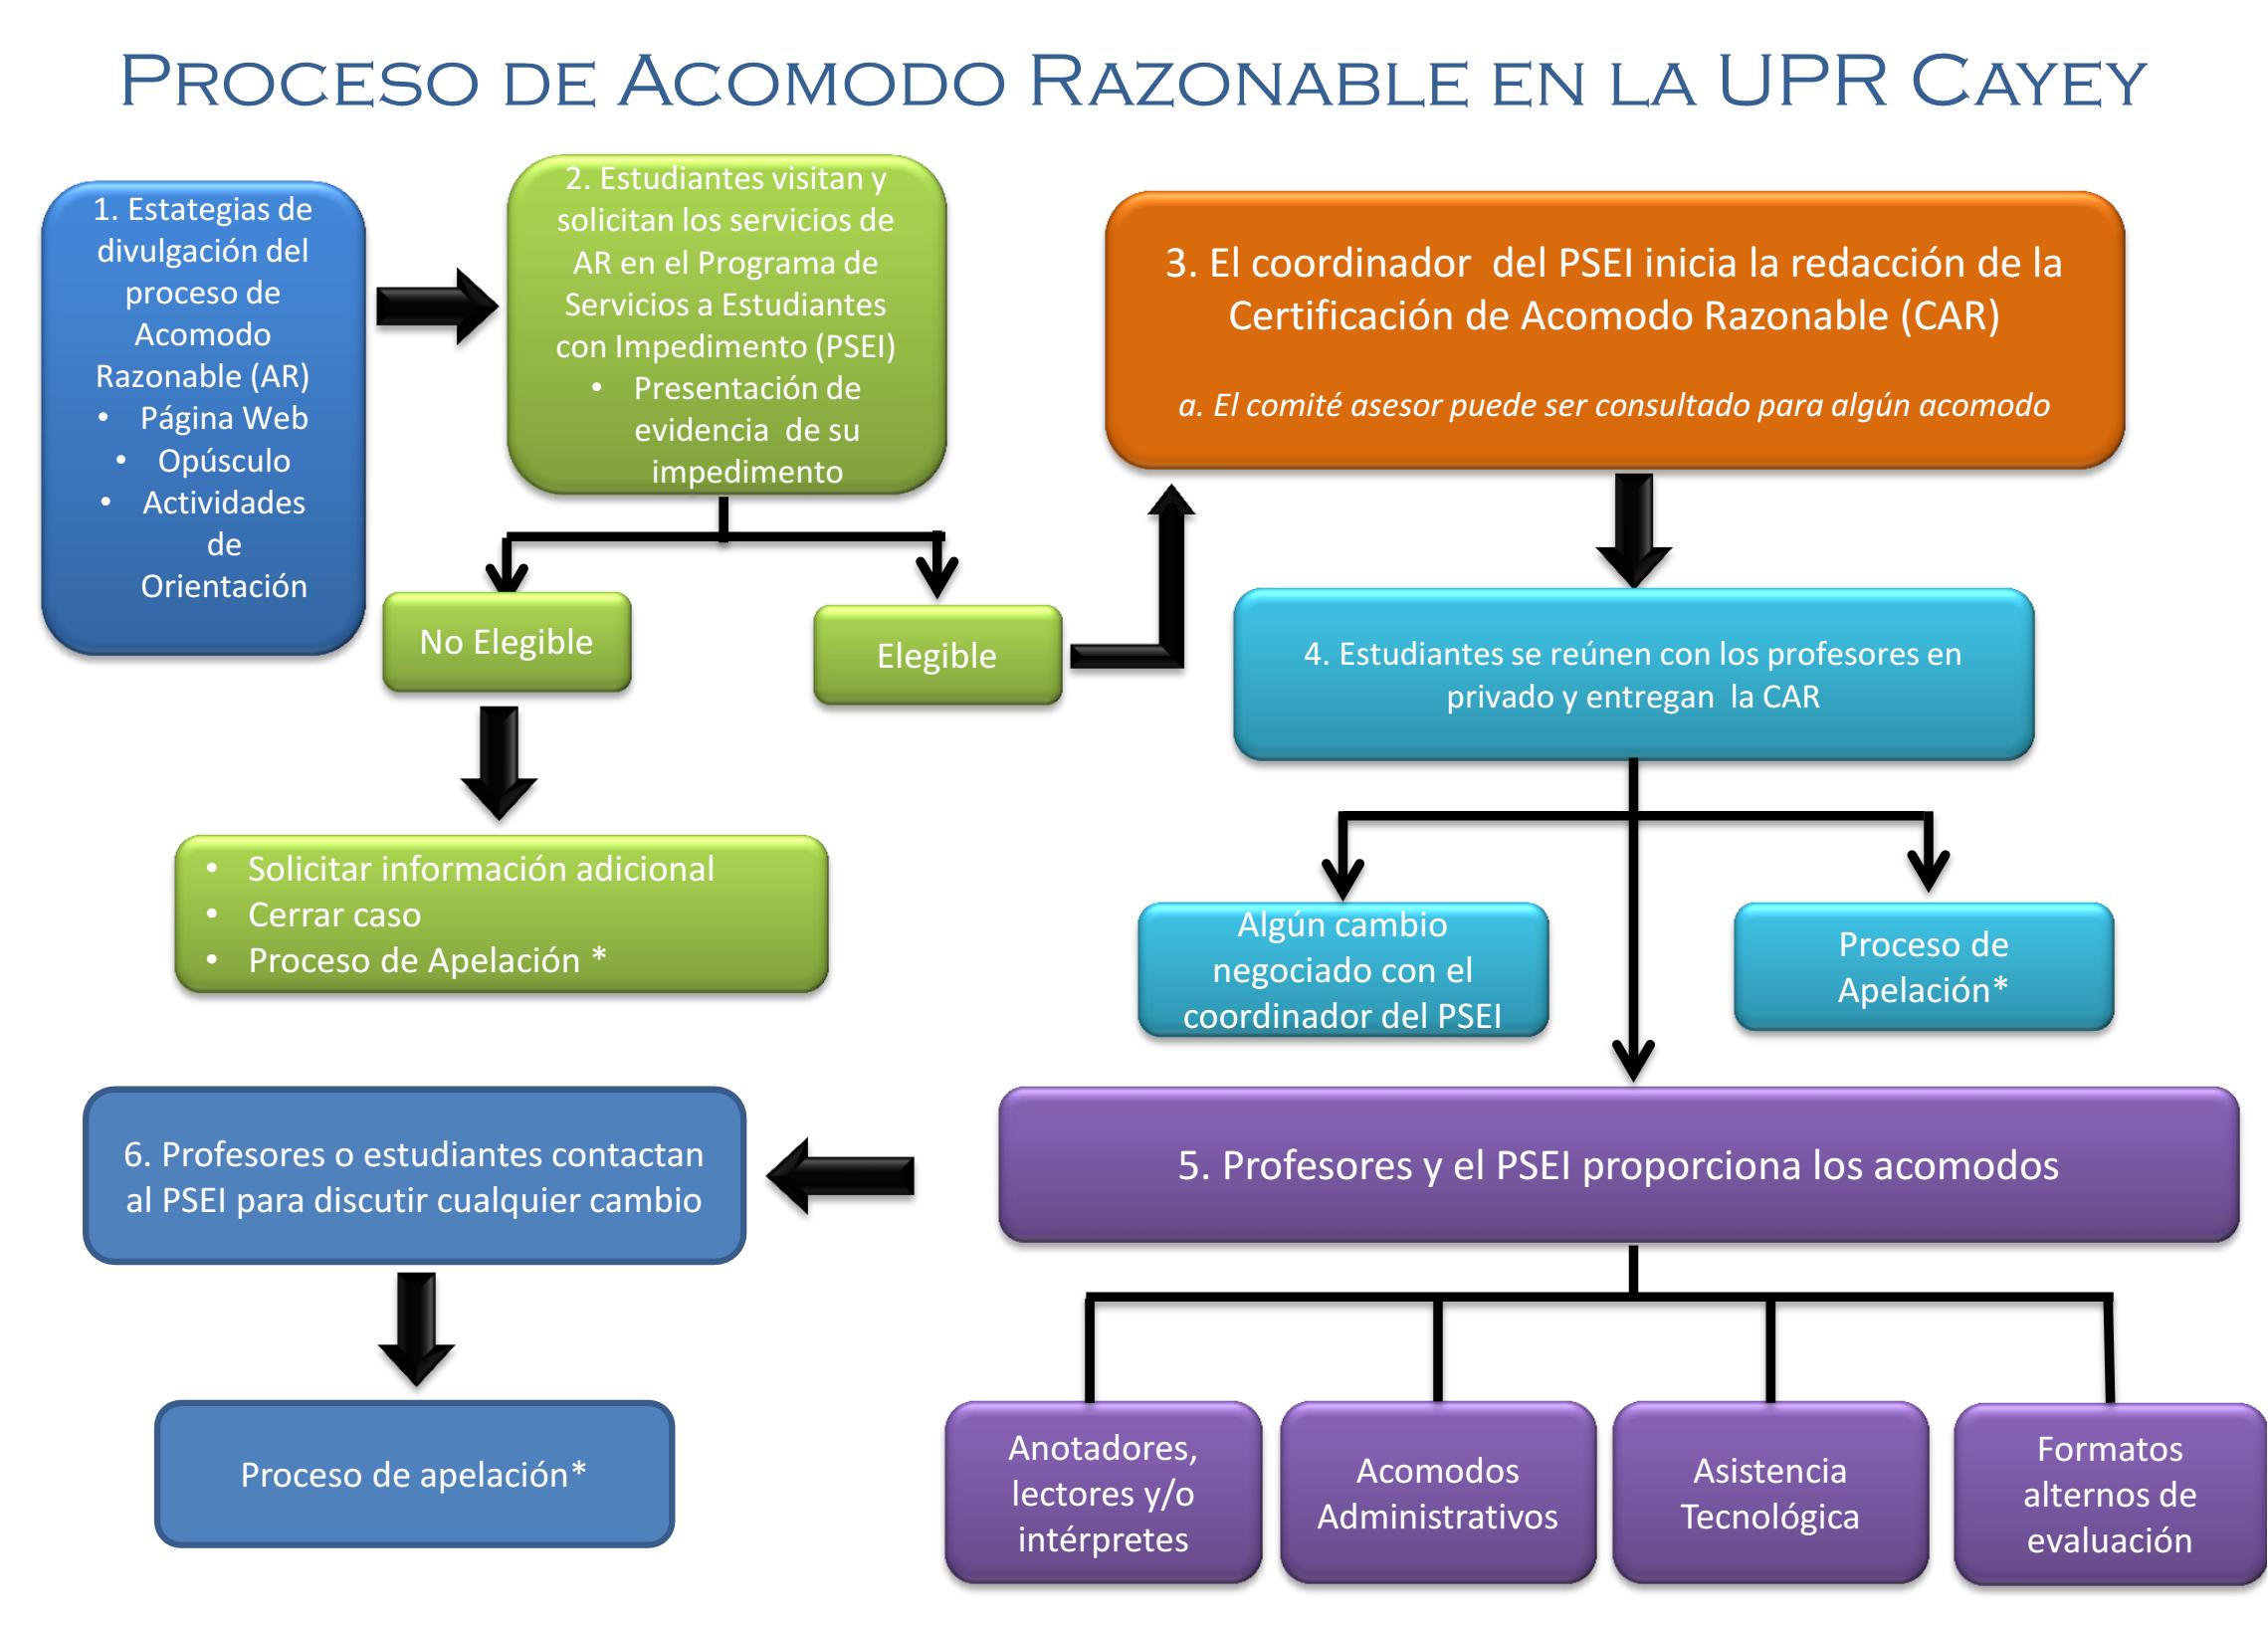 Organigrama visualizando el Proceso de Acomodo Razonable